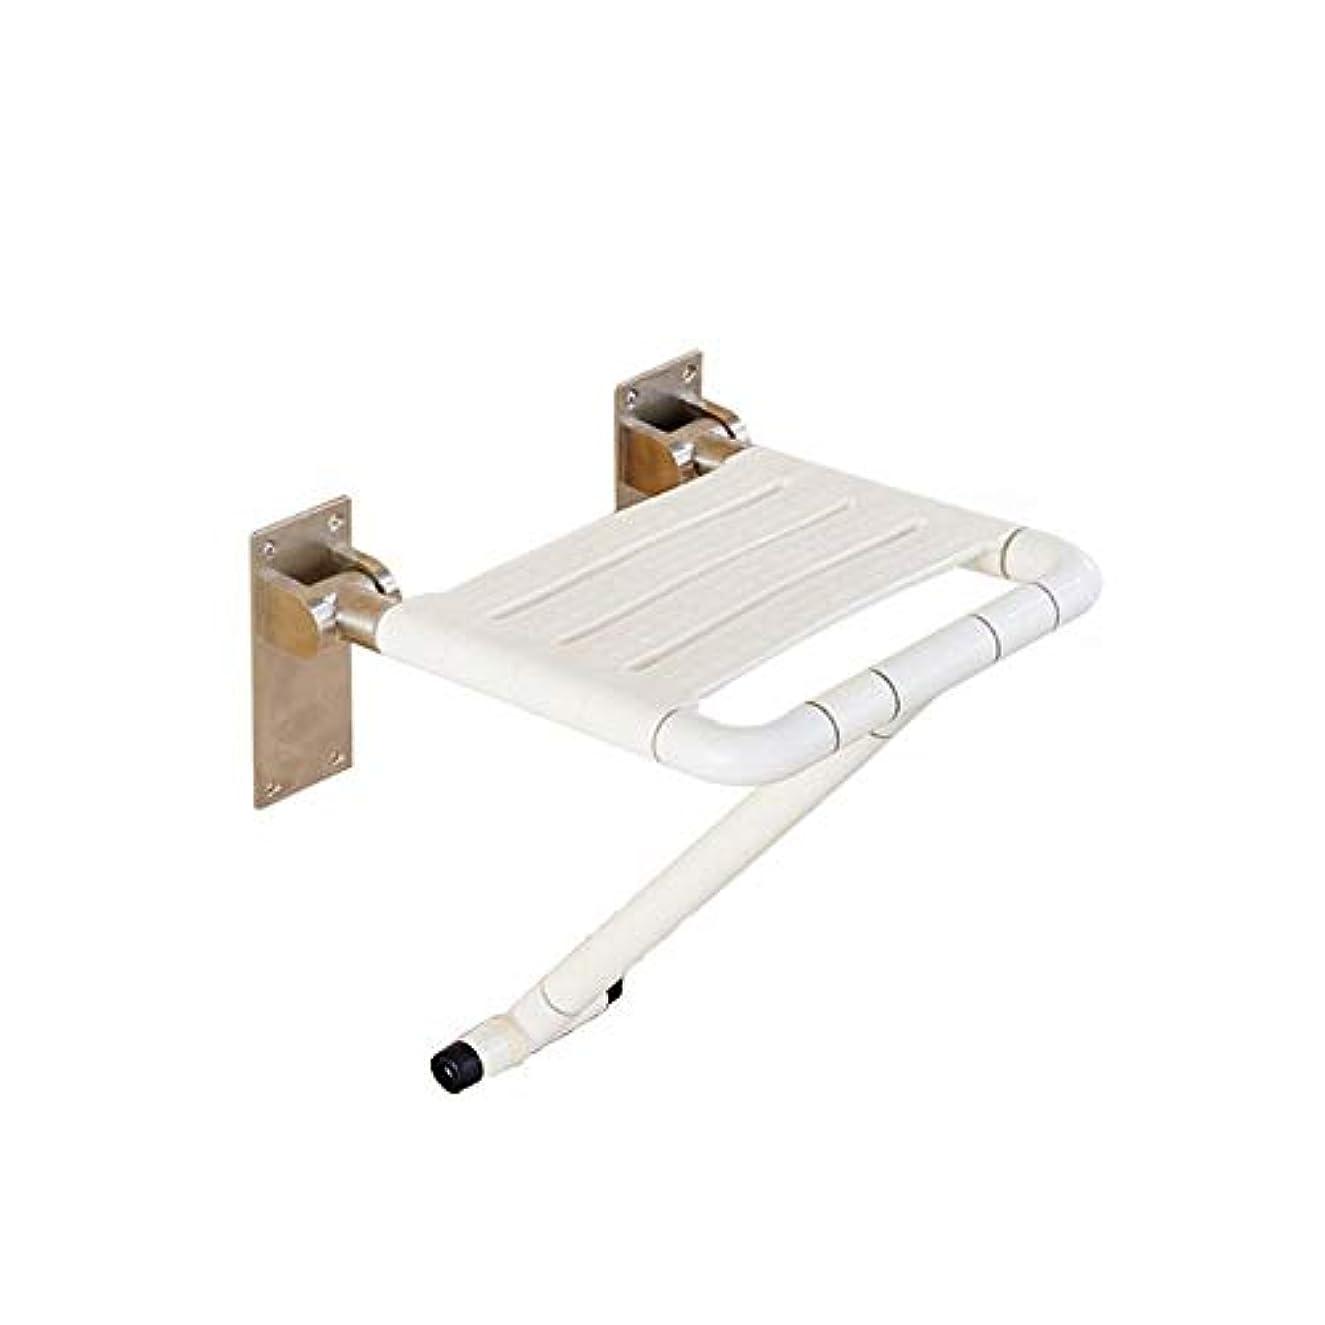 是正する改善する固体壁に取り付けられた折るシャワーの座席腰掛けの移動性の援助